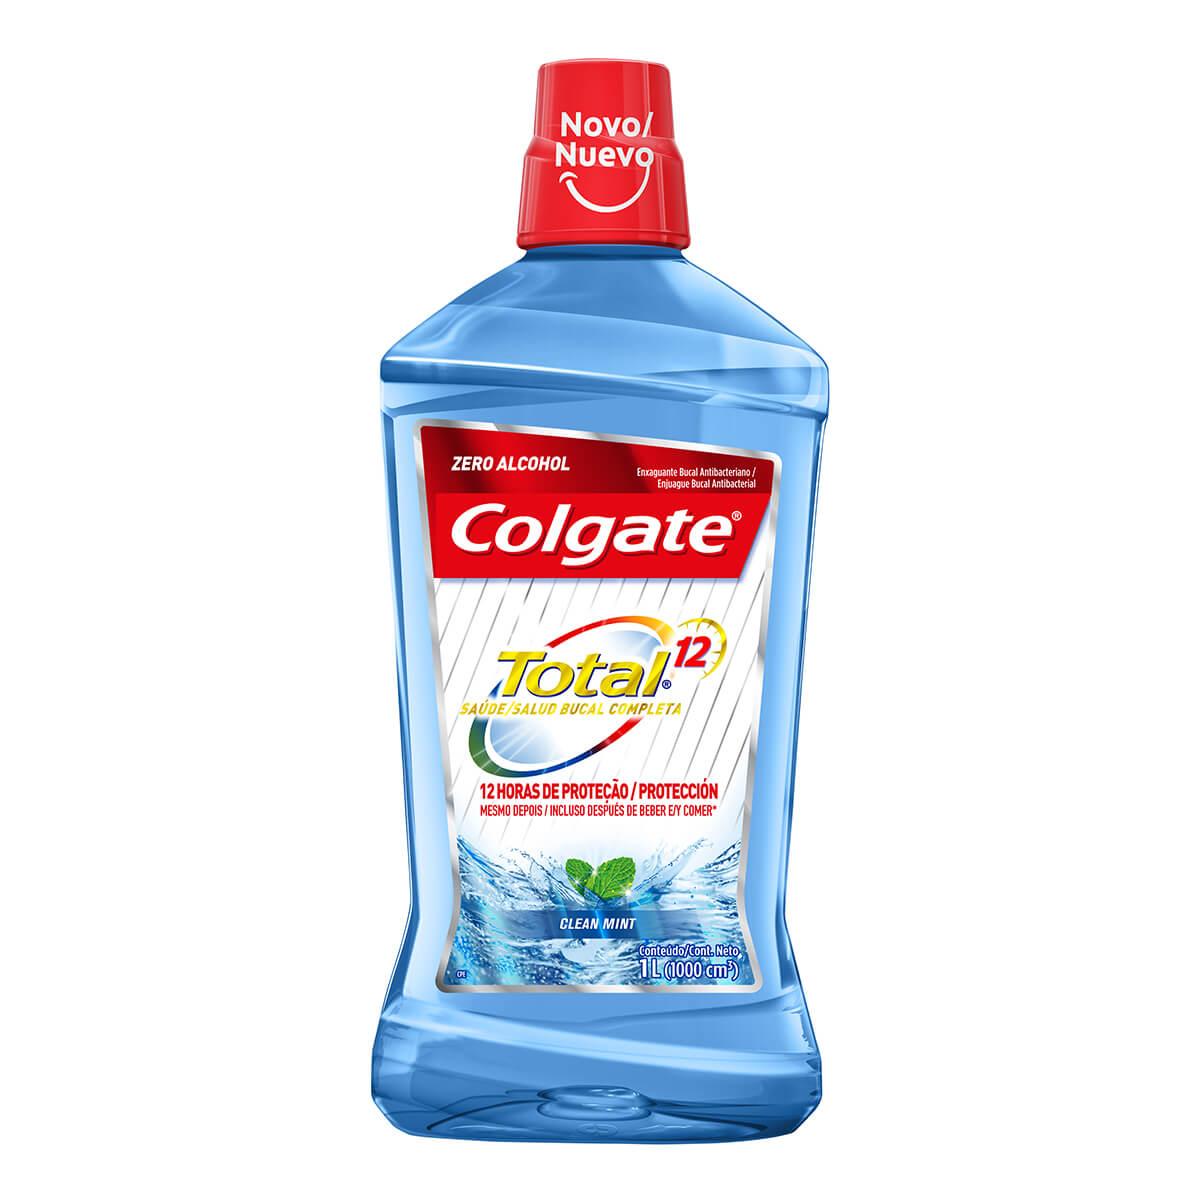 colgate enjuague bucal total 12 zero alcohol clean mint x 1000 ml